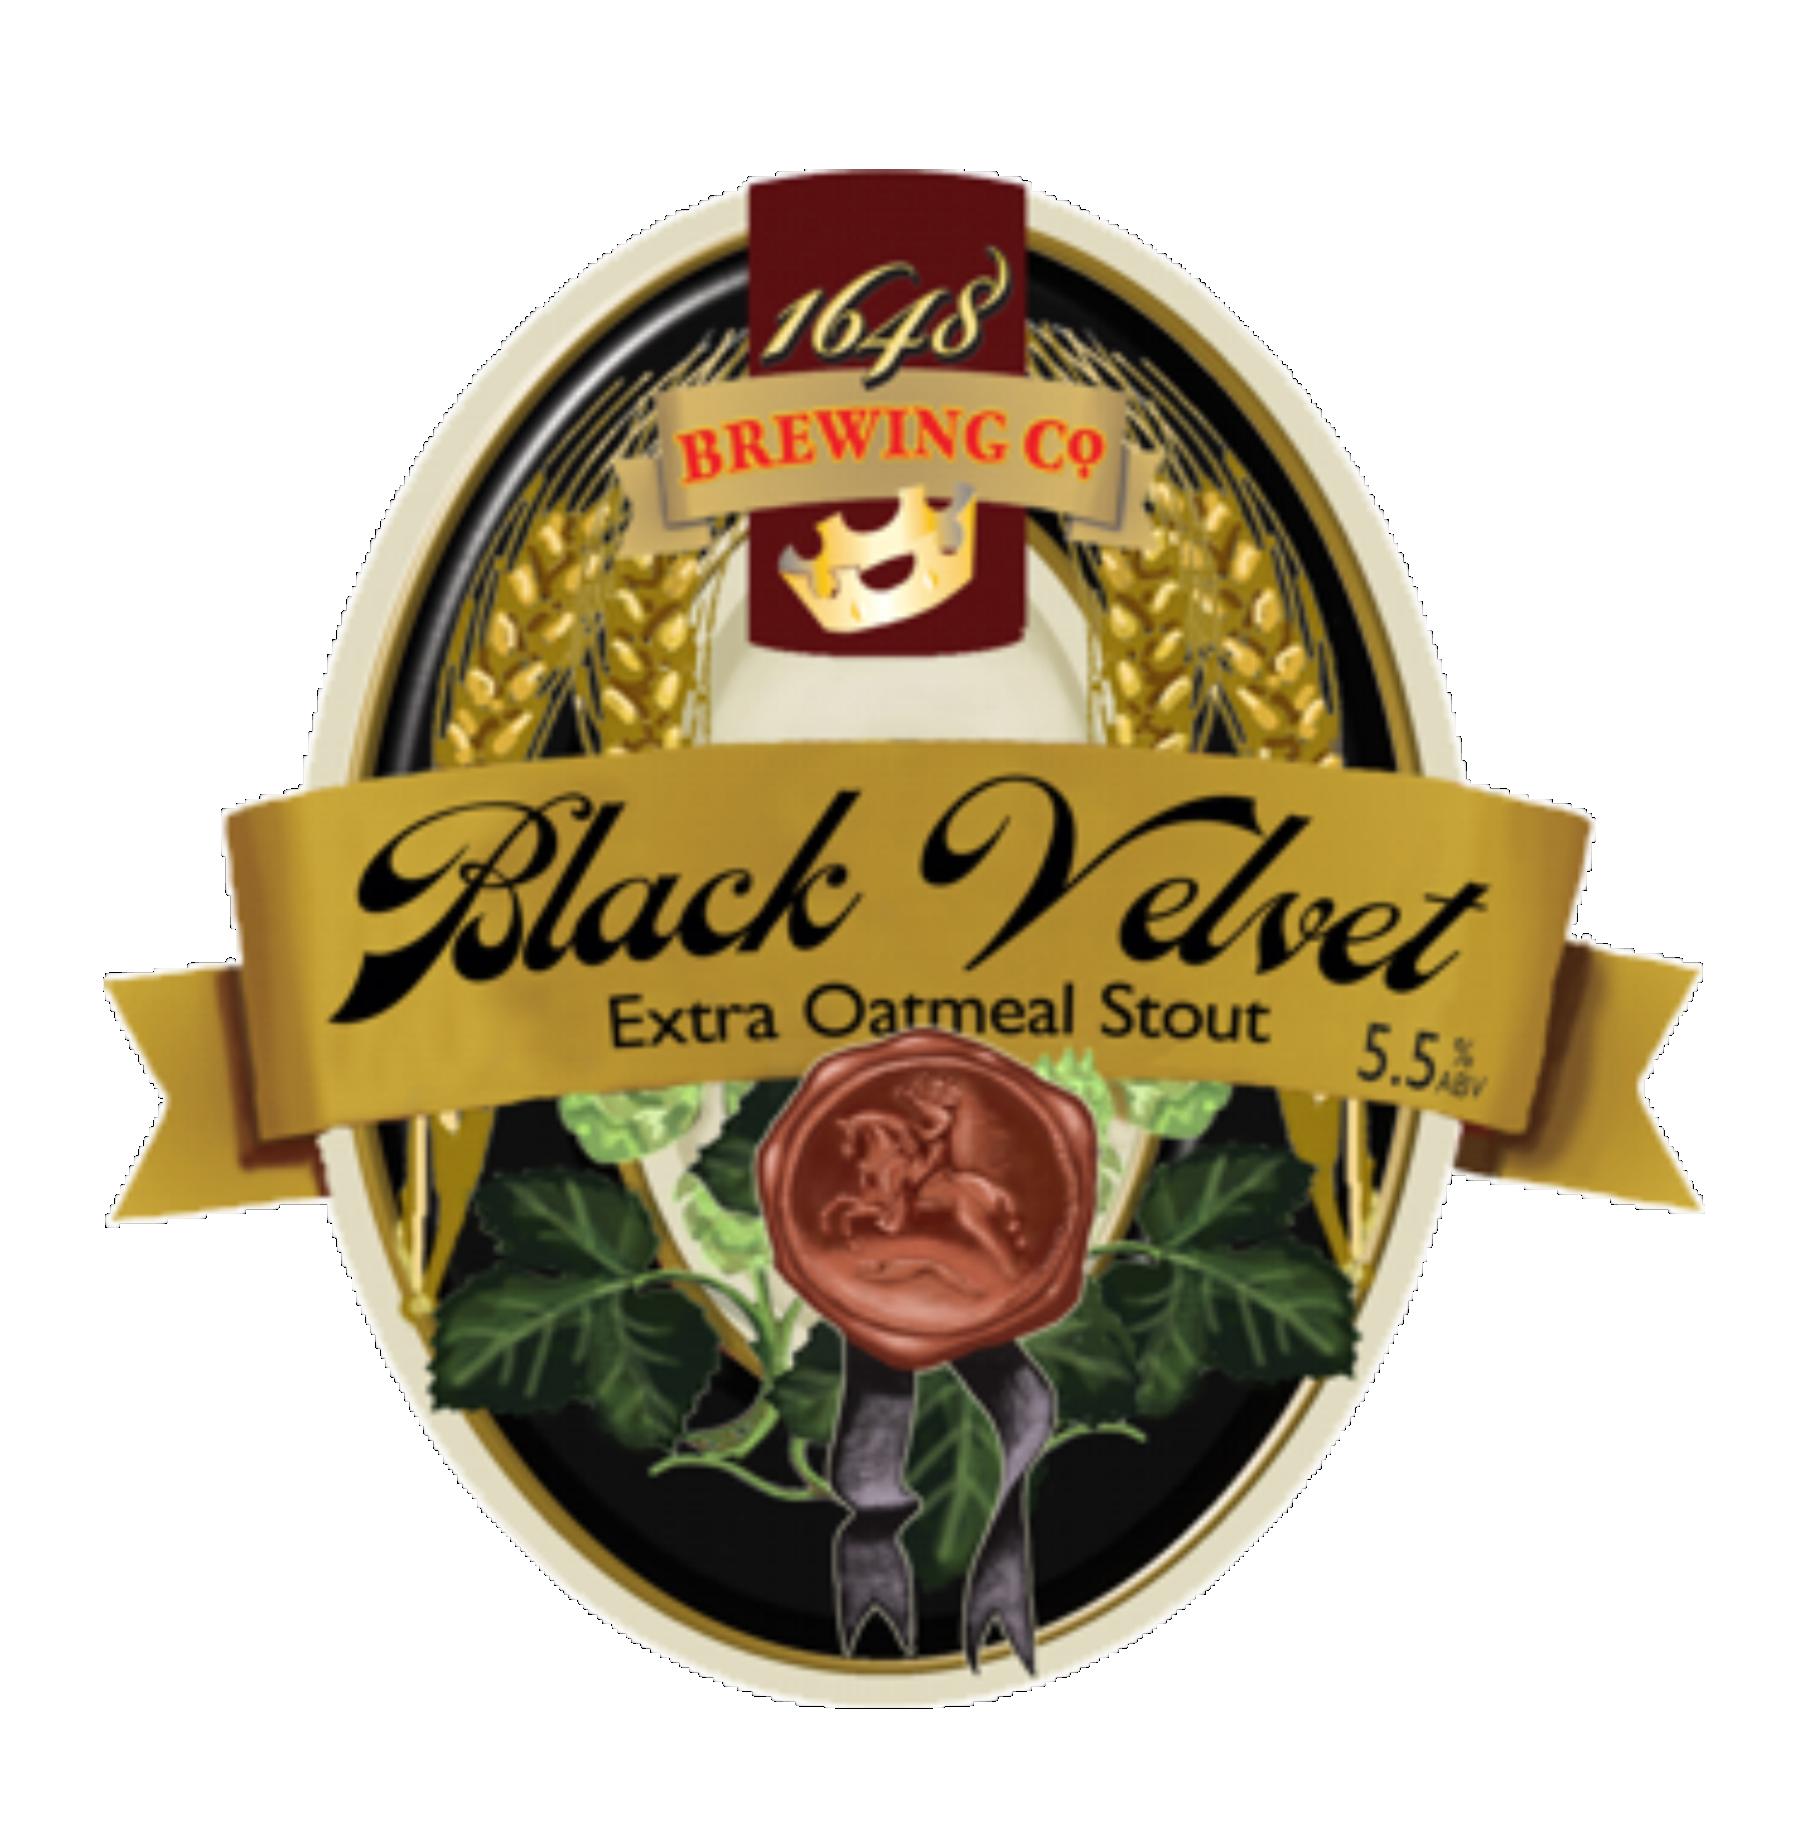 Black Velvet 5.5%